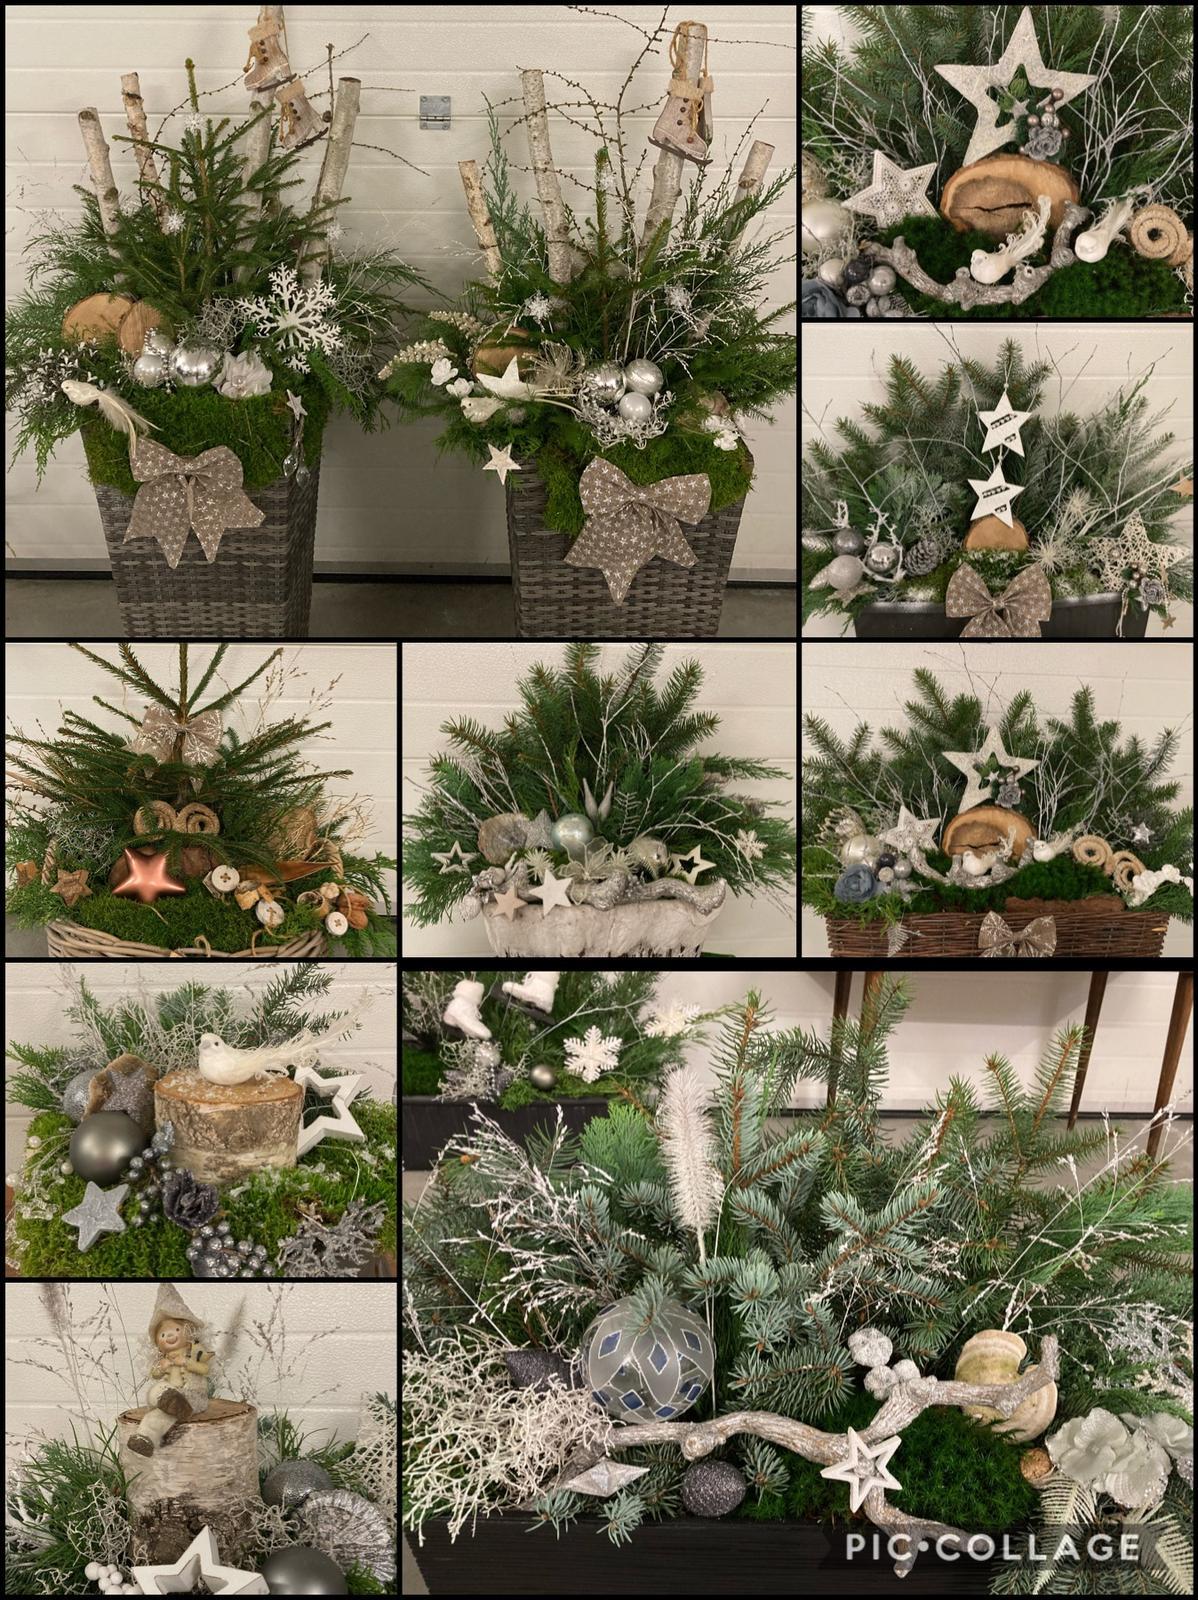 Vánoční výzdoba hotova 17 kousků 🙉 Více fotek dodám zítra 😉 - Obrázek č. 1